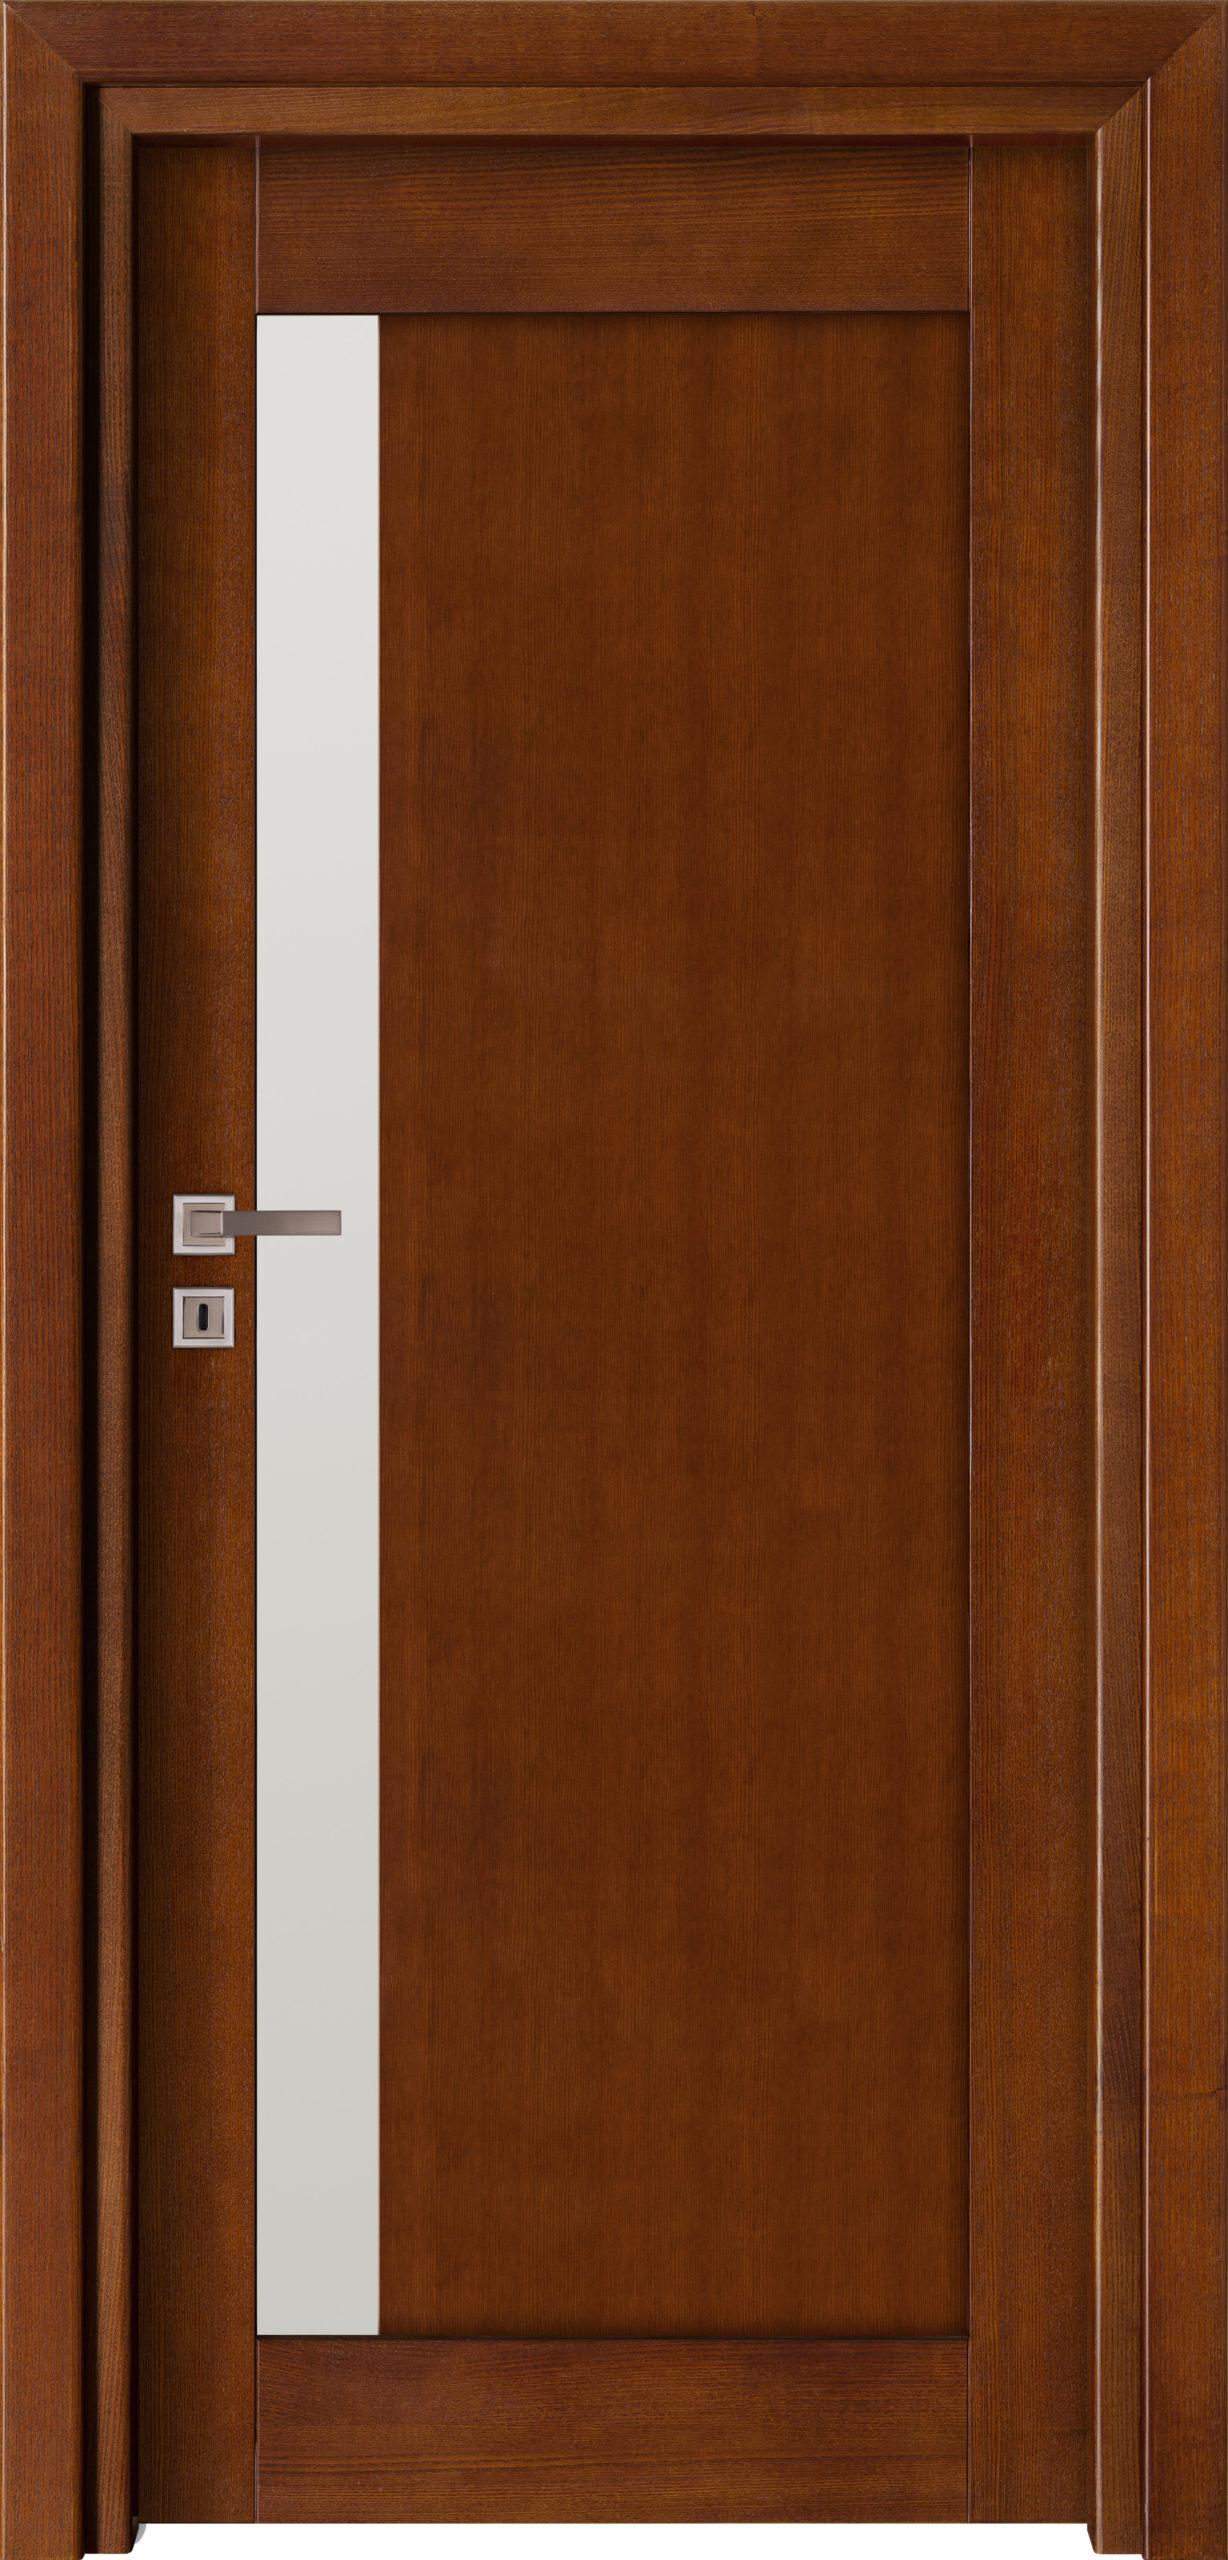 Sevilla B6 - jesion - ciemny calvados - szklenie lacomat bezpieczny - ościeżnica przylgowa regulowana drewniana prosta (IIa)